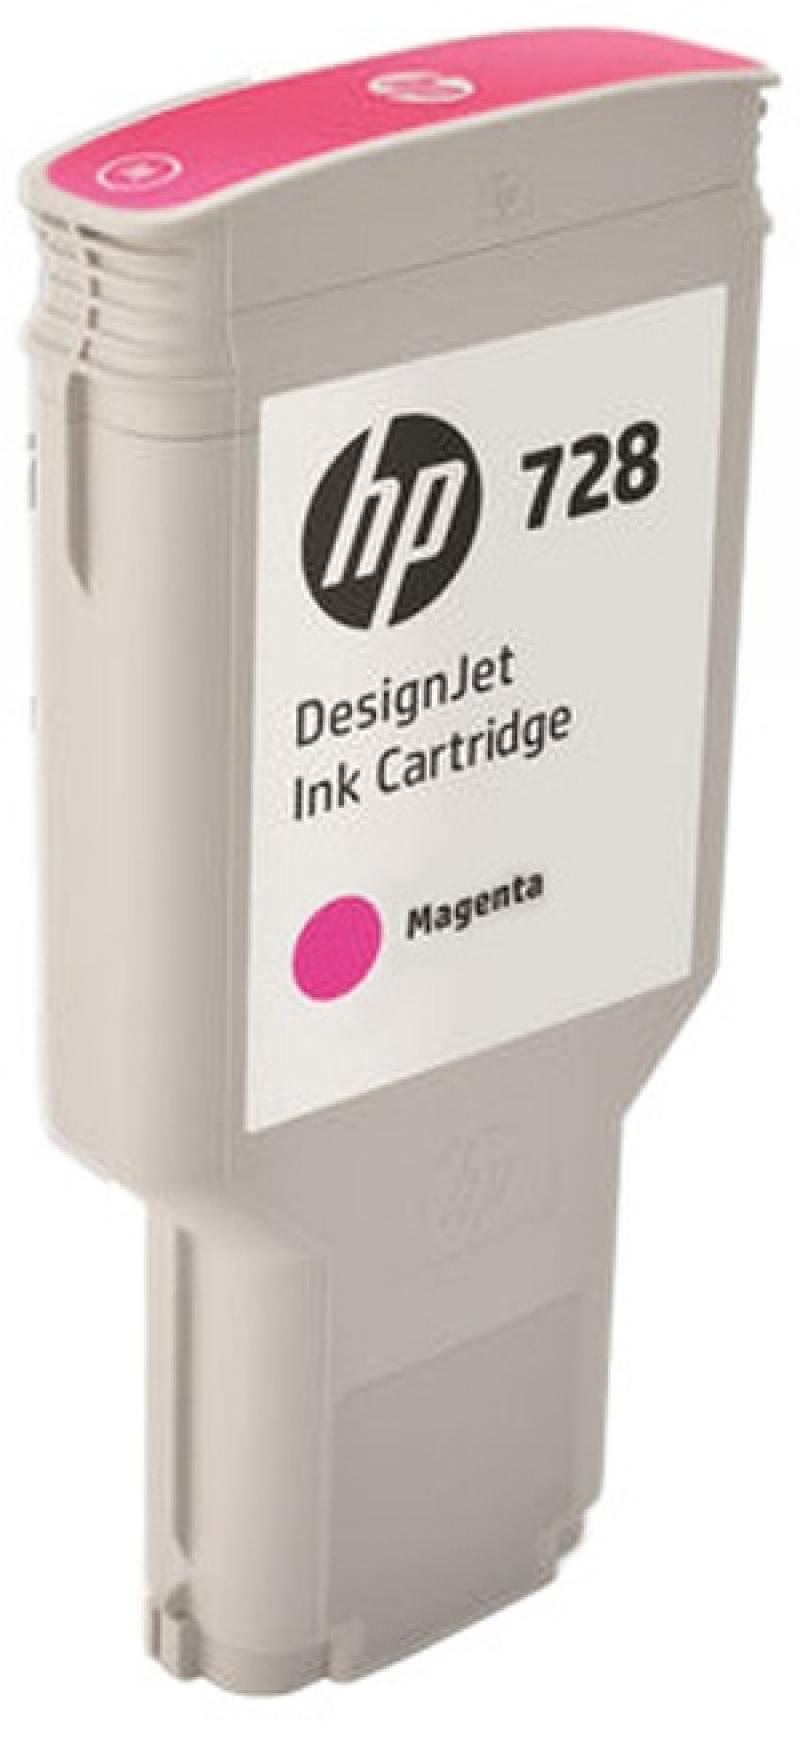 Картридж HP F9K16A (HP 728) для DesignJet T730, T830. Пурпурный. 300 мл. hp hp designjet z5600ps